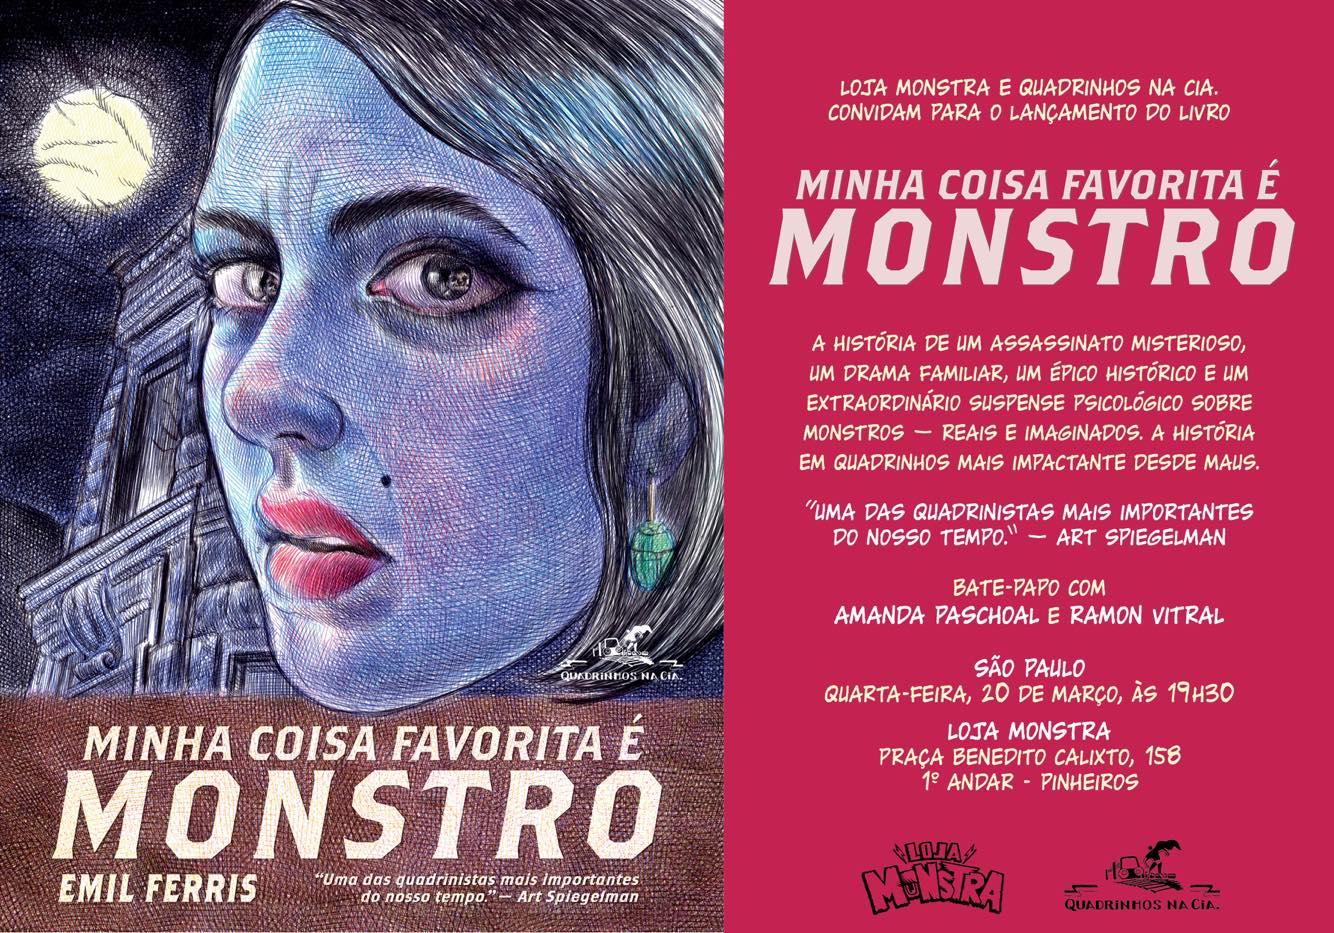 4ª (20/3) é dia de lançamento de Minha Coisa Favorita É Monstro, de Emil Ferris, em São Paulo